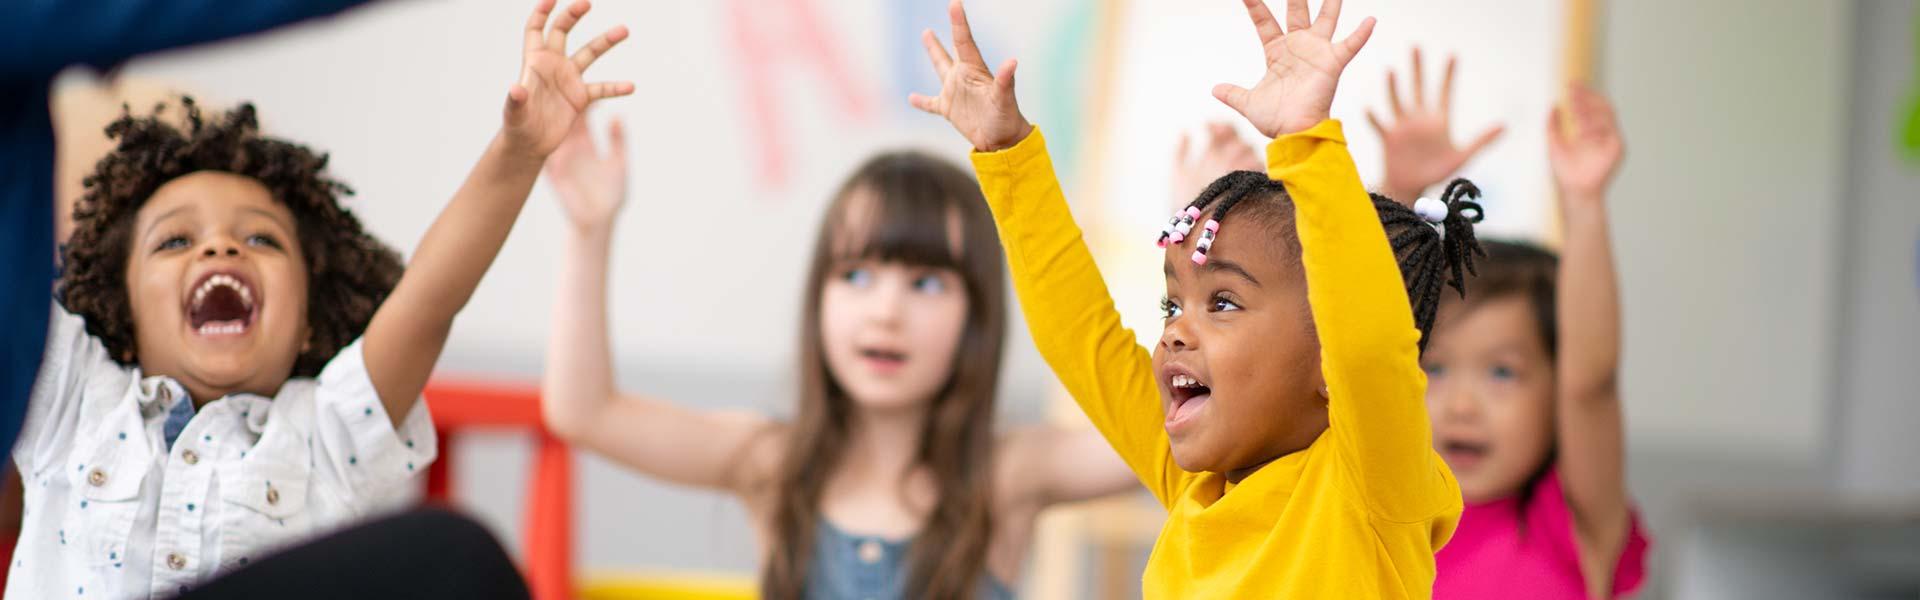 Kinder singen mit hochgestreckten Armen